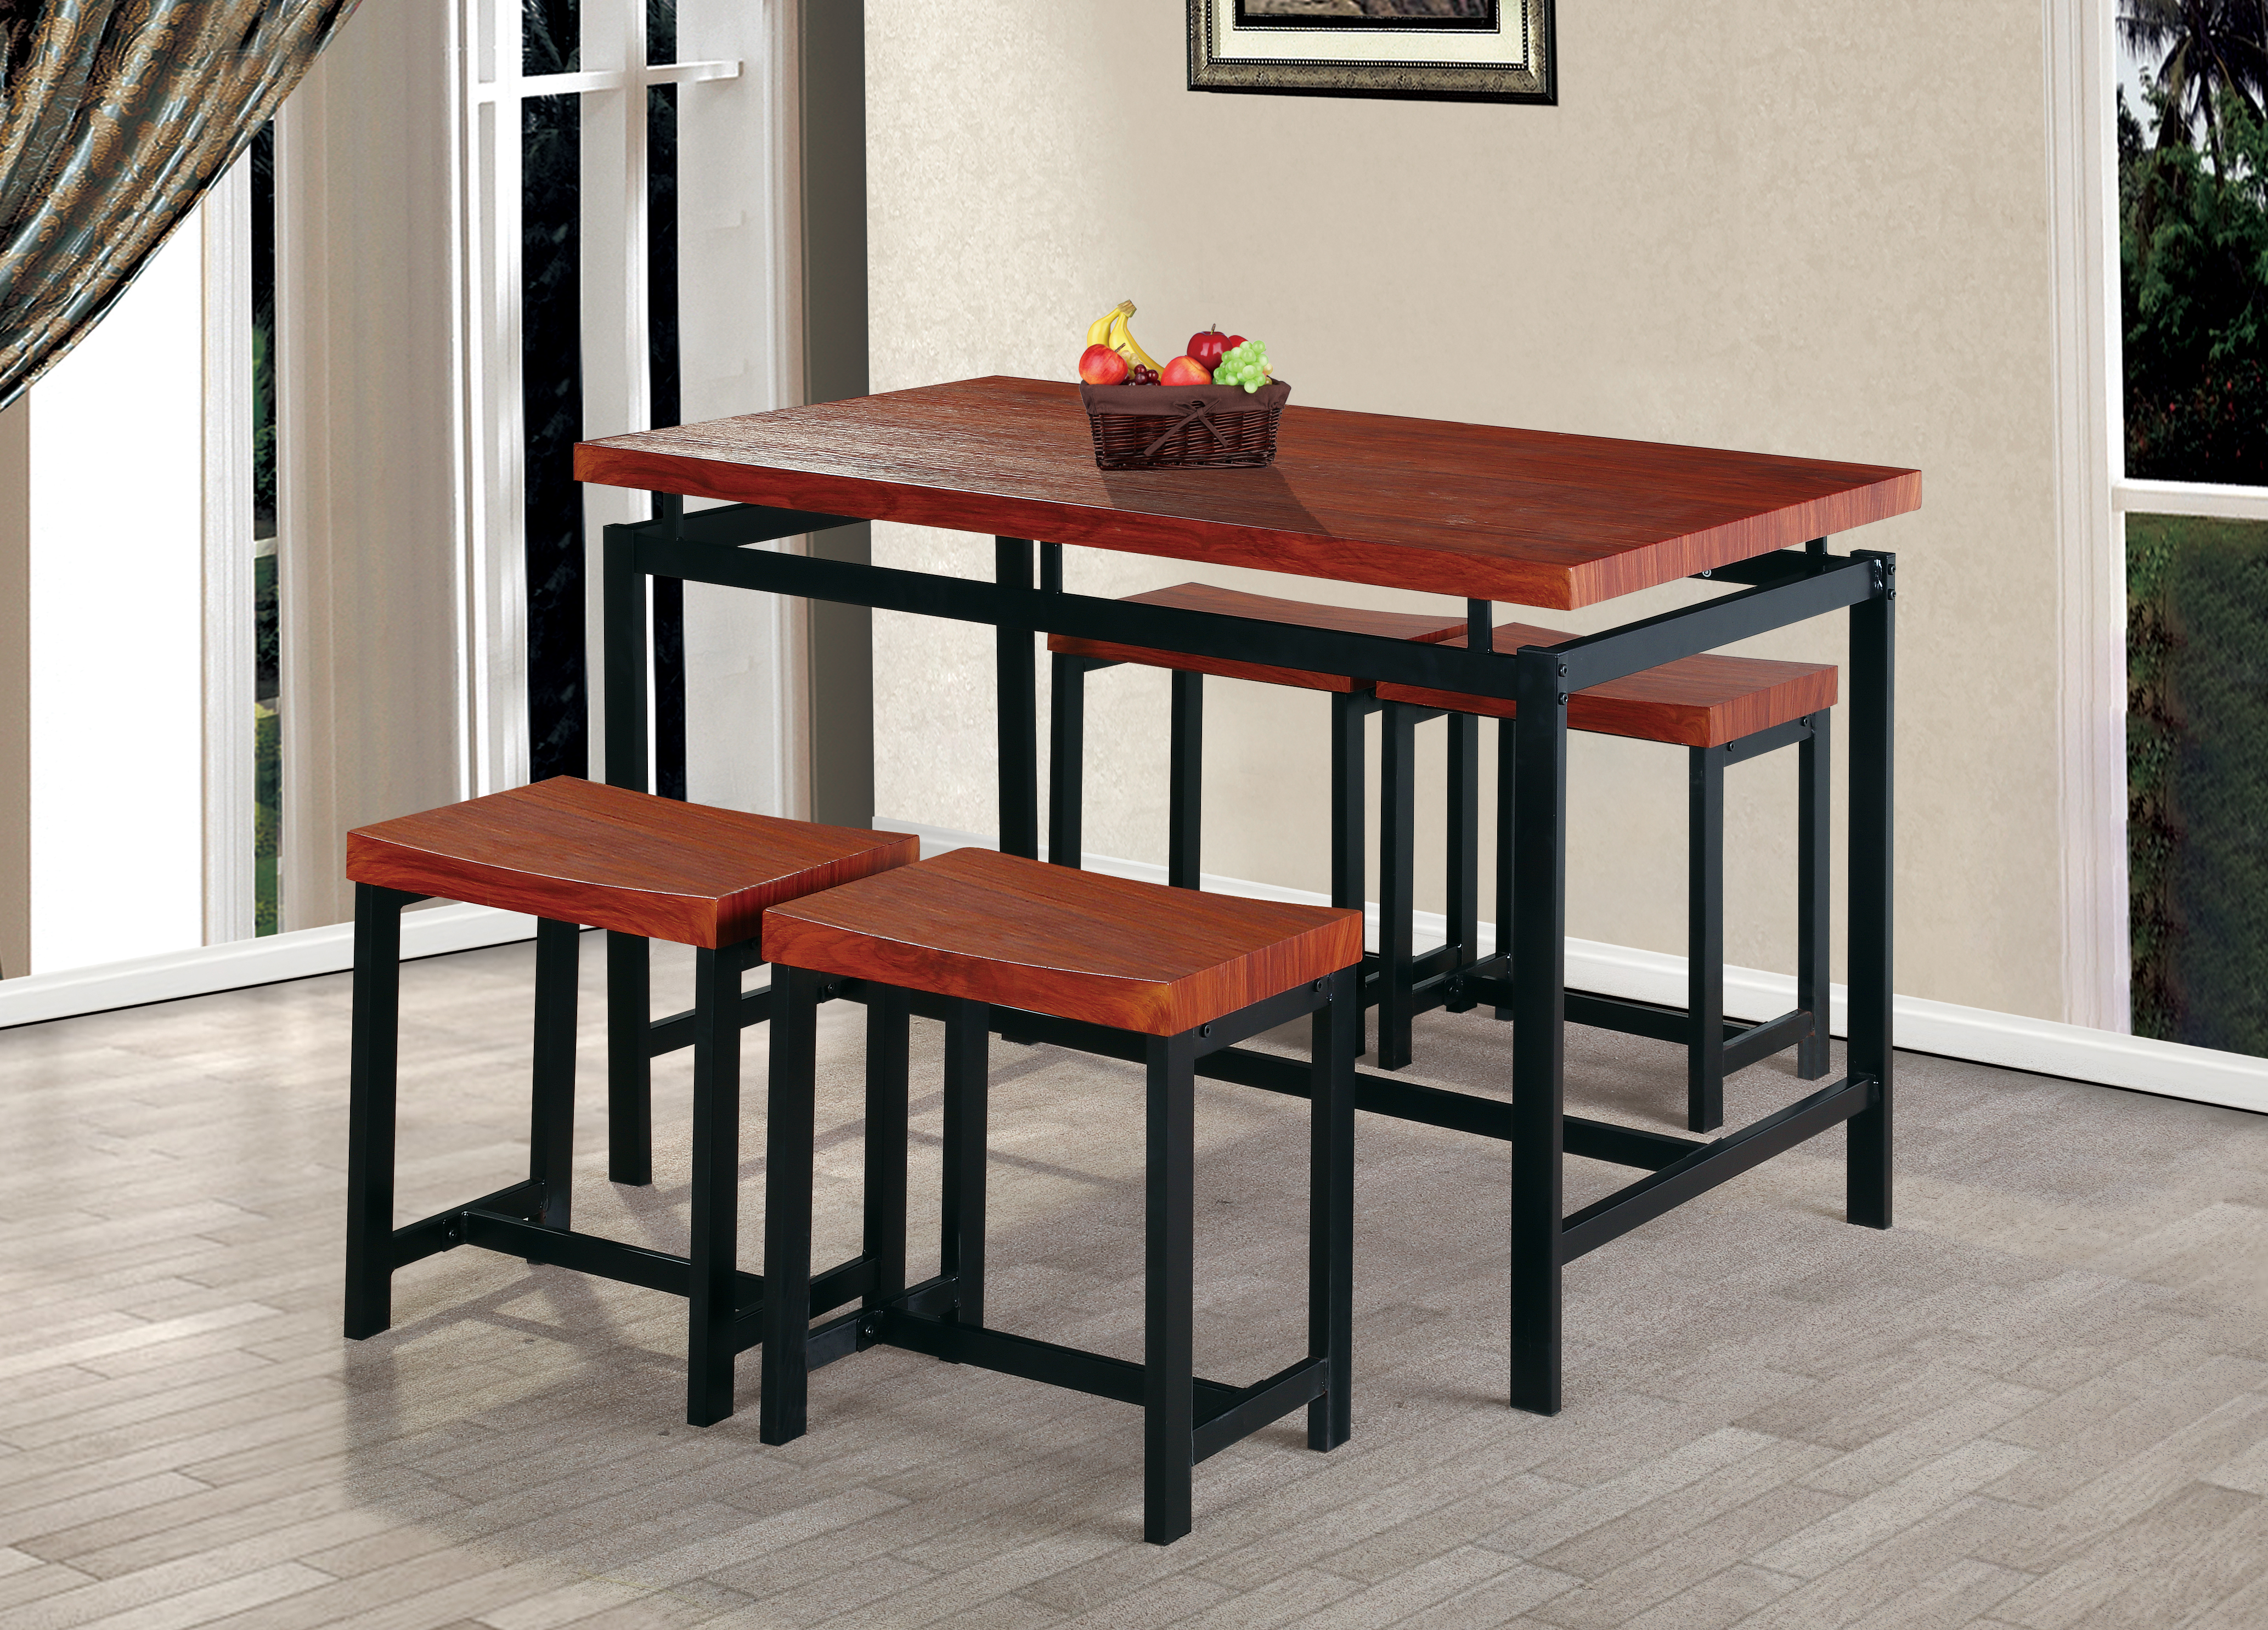 New 5 piece counter height table set indoor outdoor bar tablst